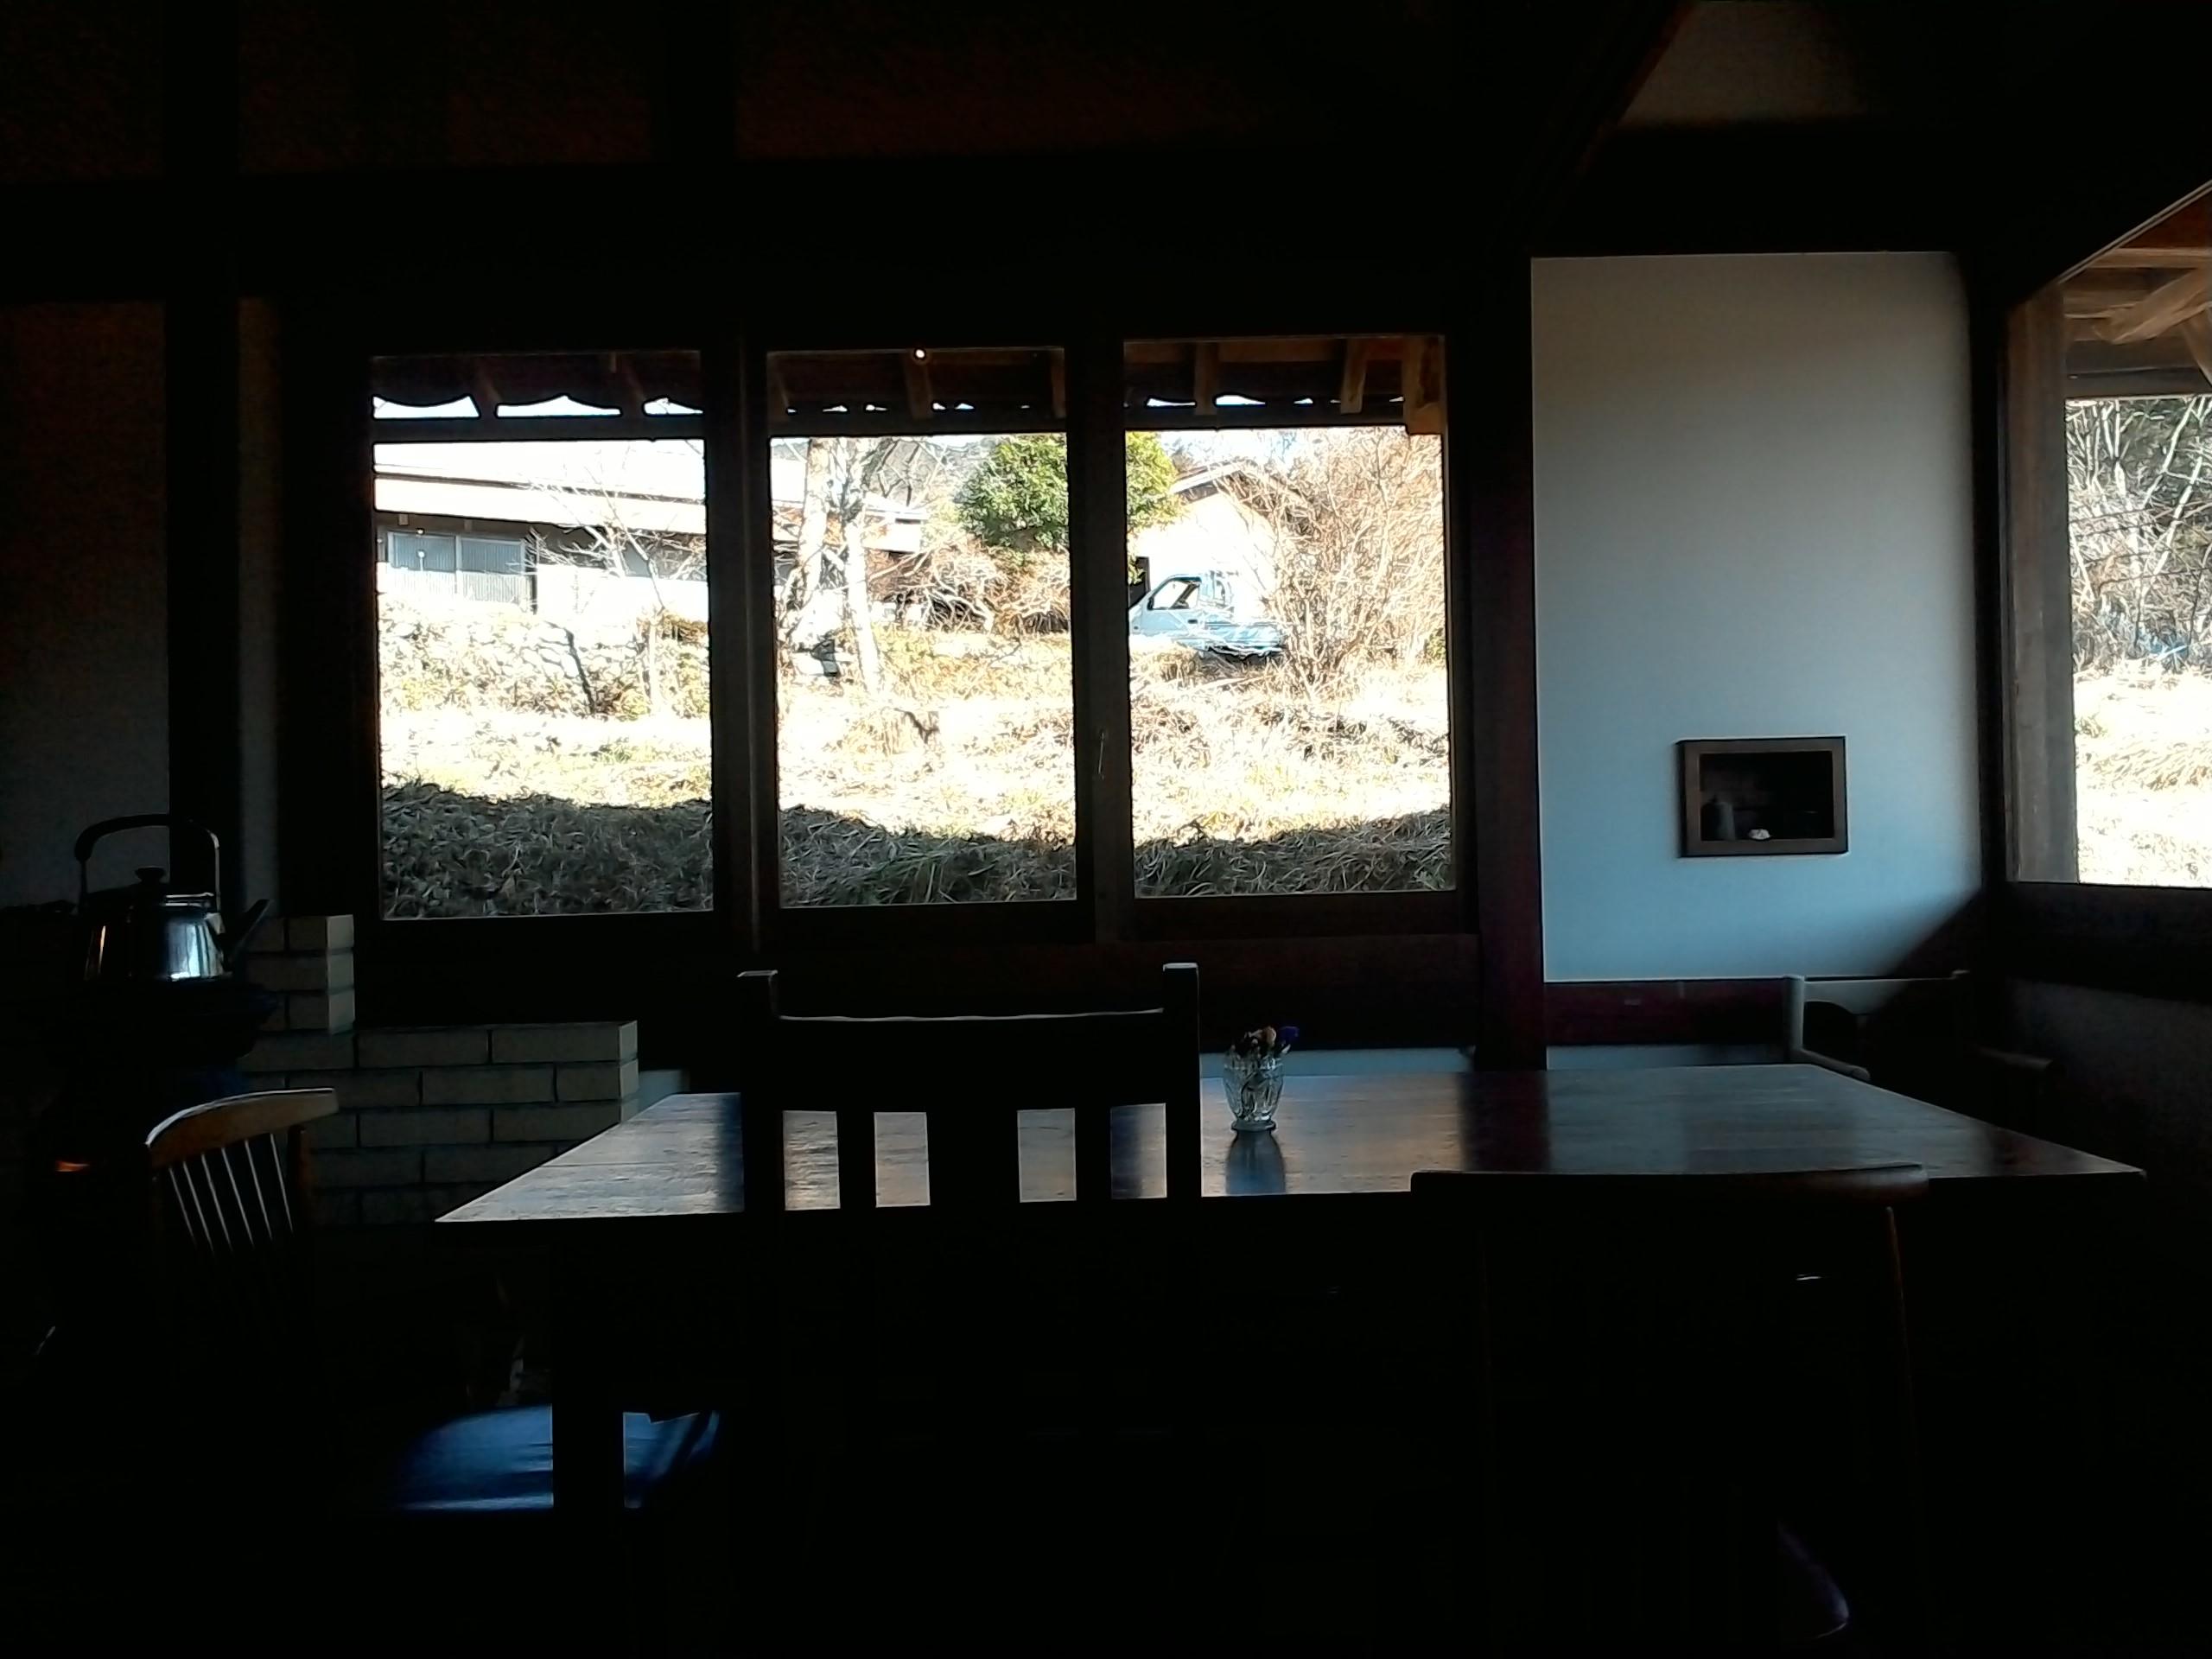 小鳥の樹 洋食屋さん_c0263809_2312614.jpg